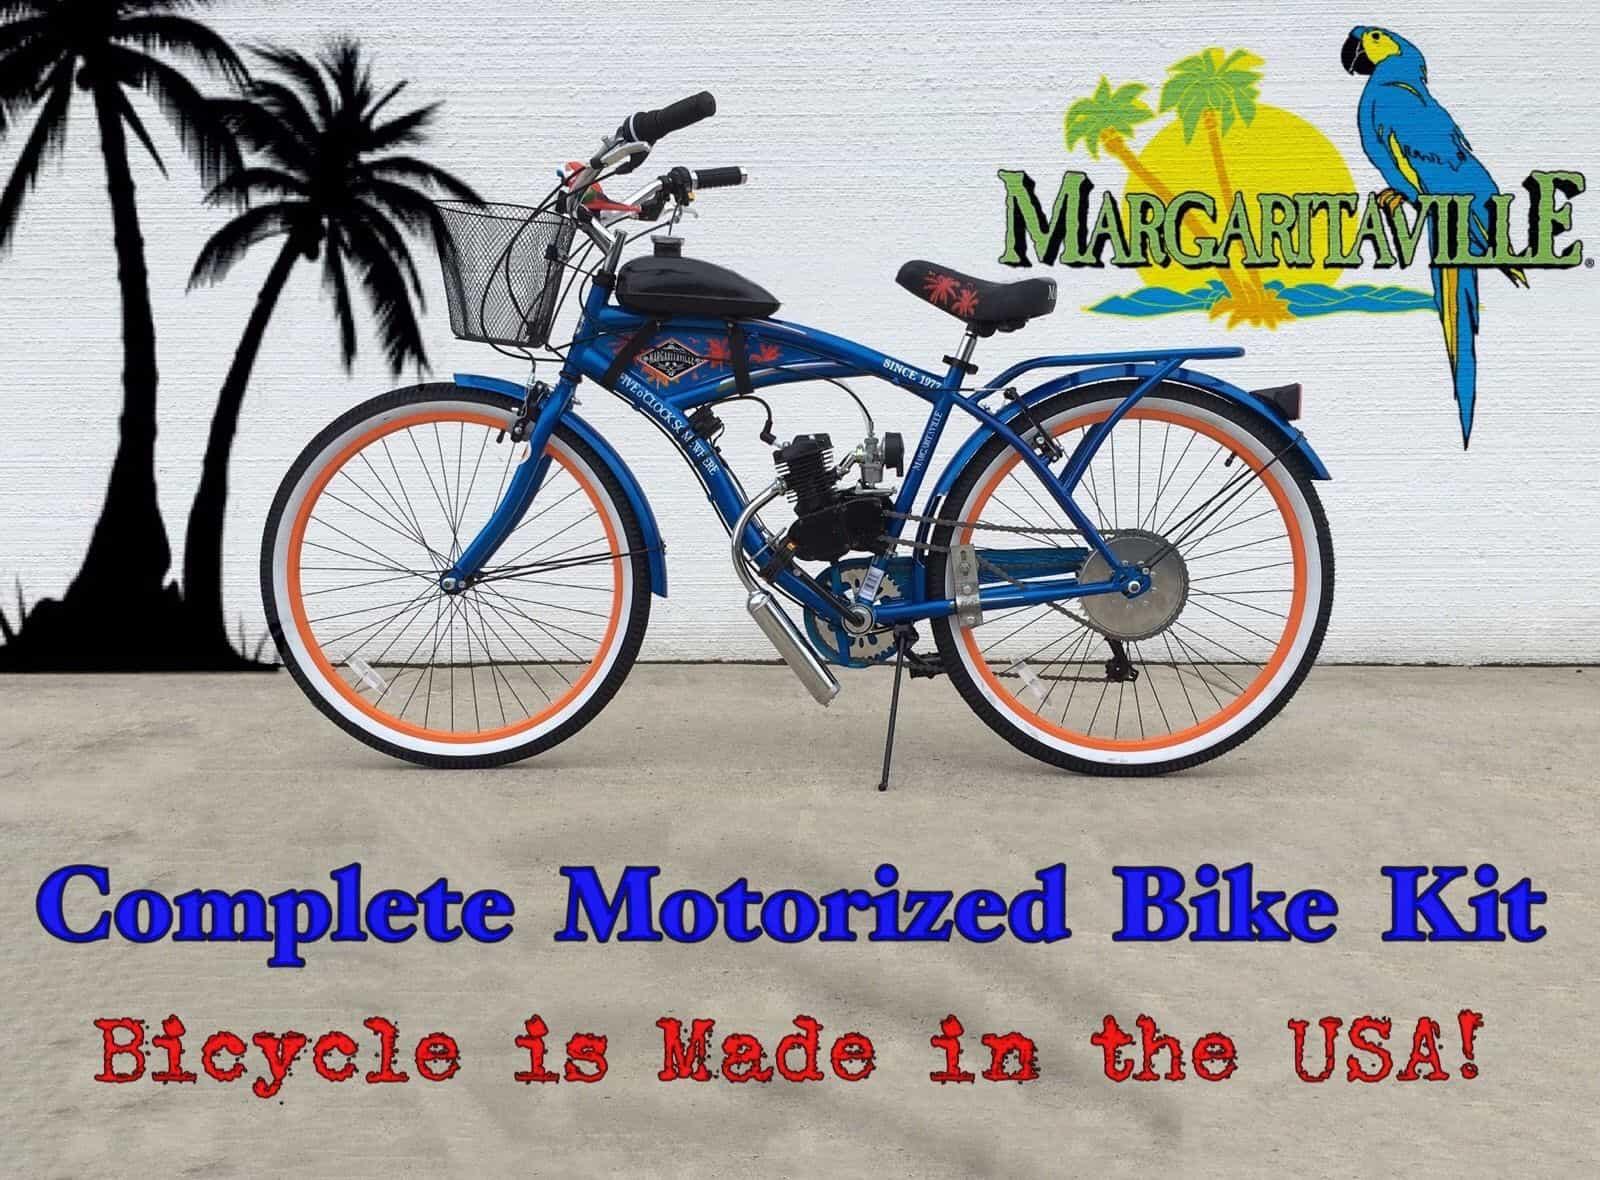 Margaritaville Motorized Bike Kit